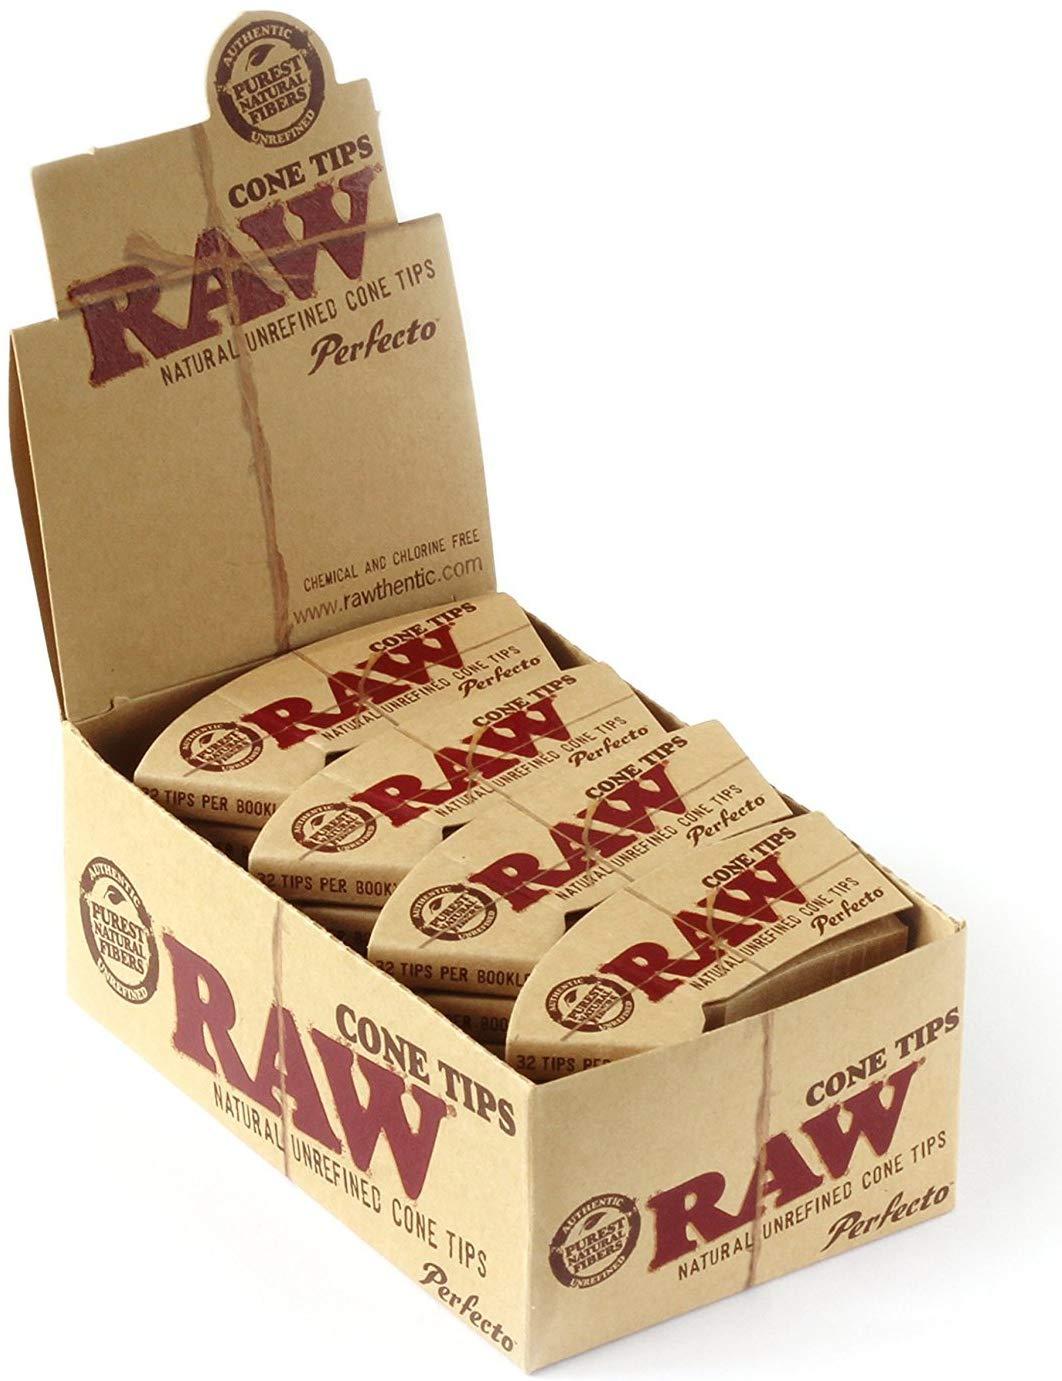 Raw Perfecto Cone Tips